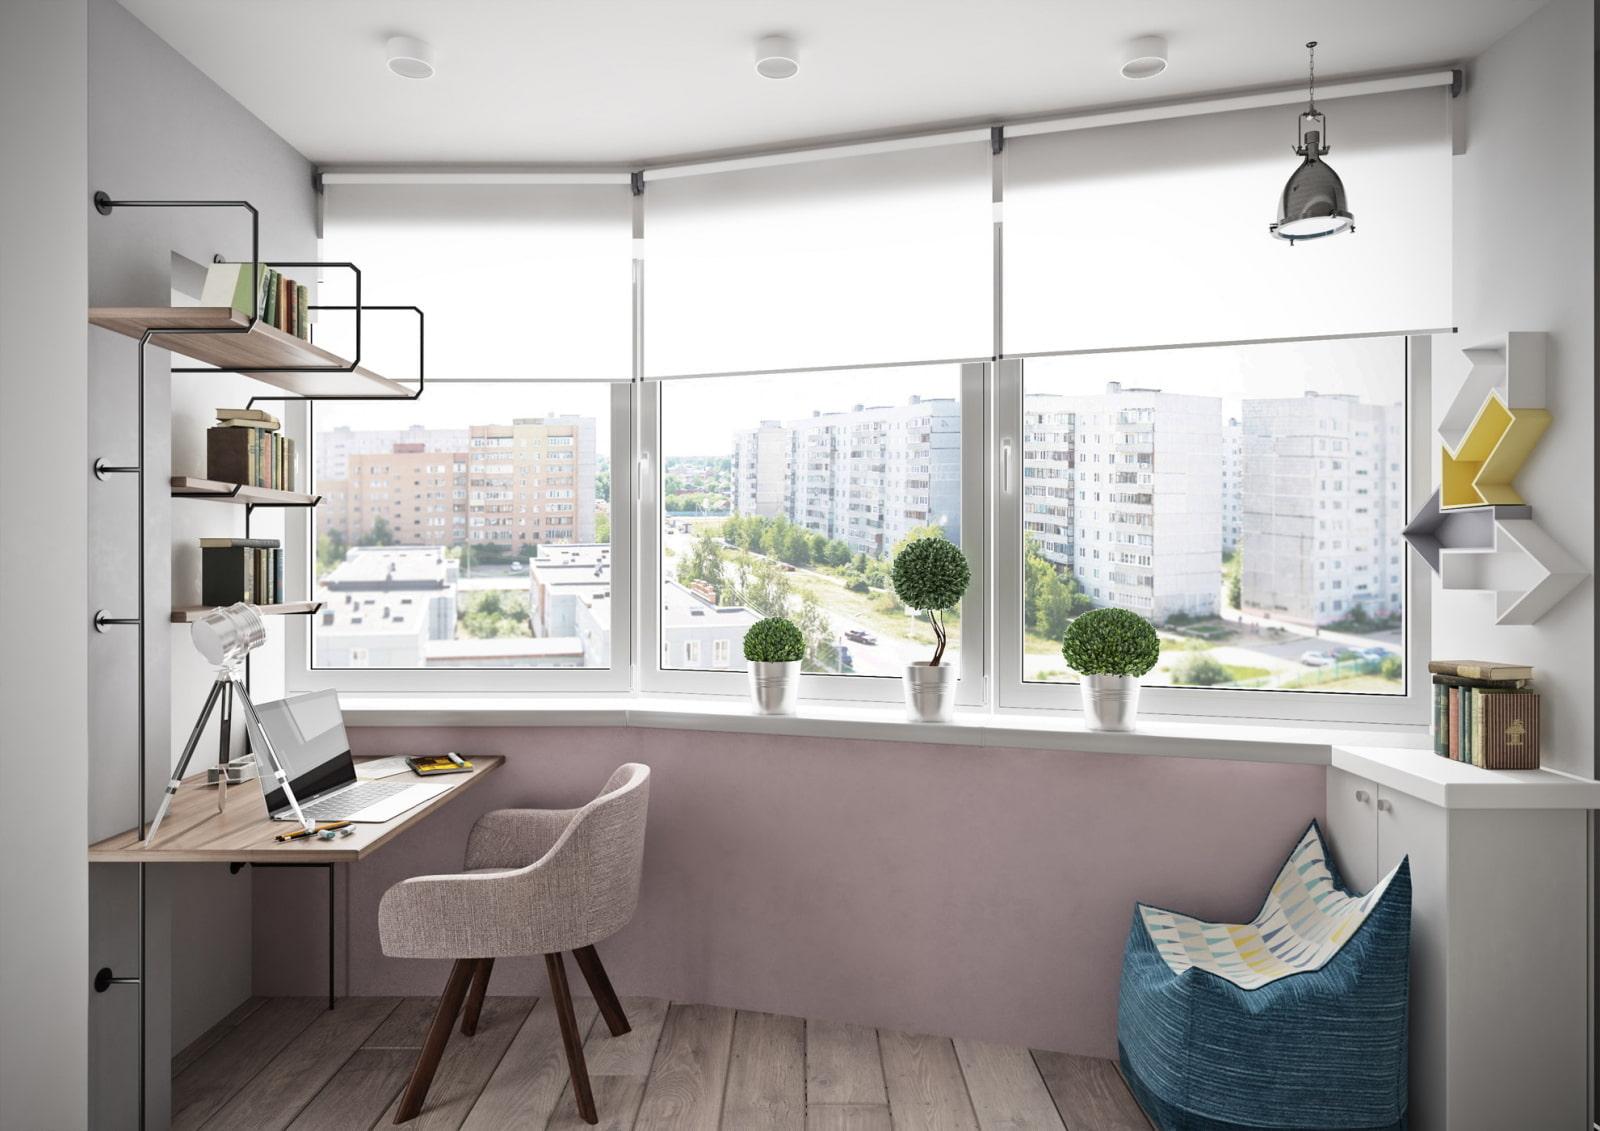 однокомнатные квартиры дизайн фото с балконом пары есть ещё